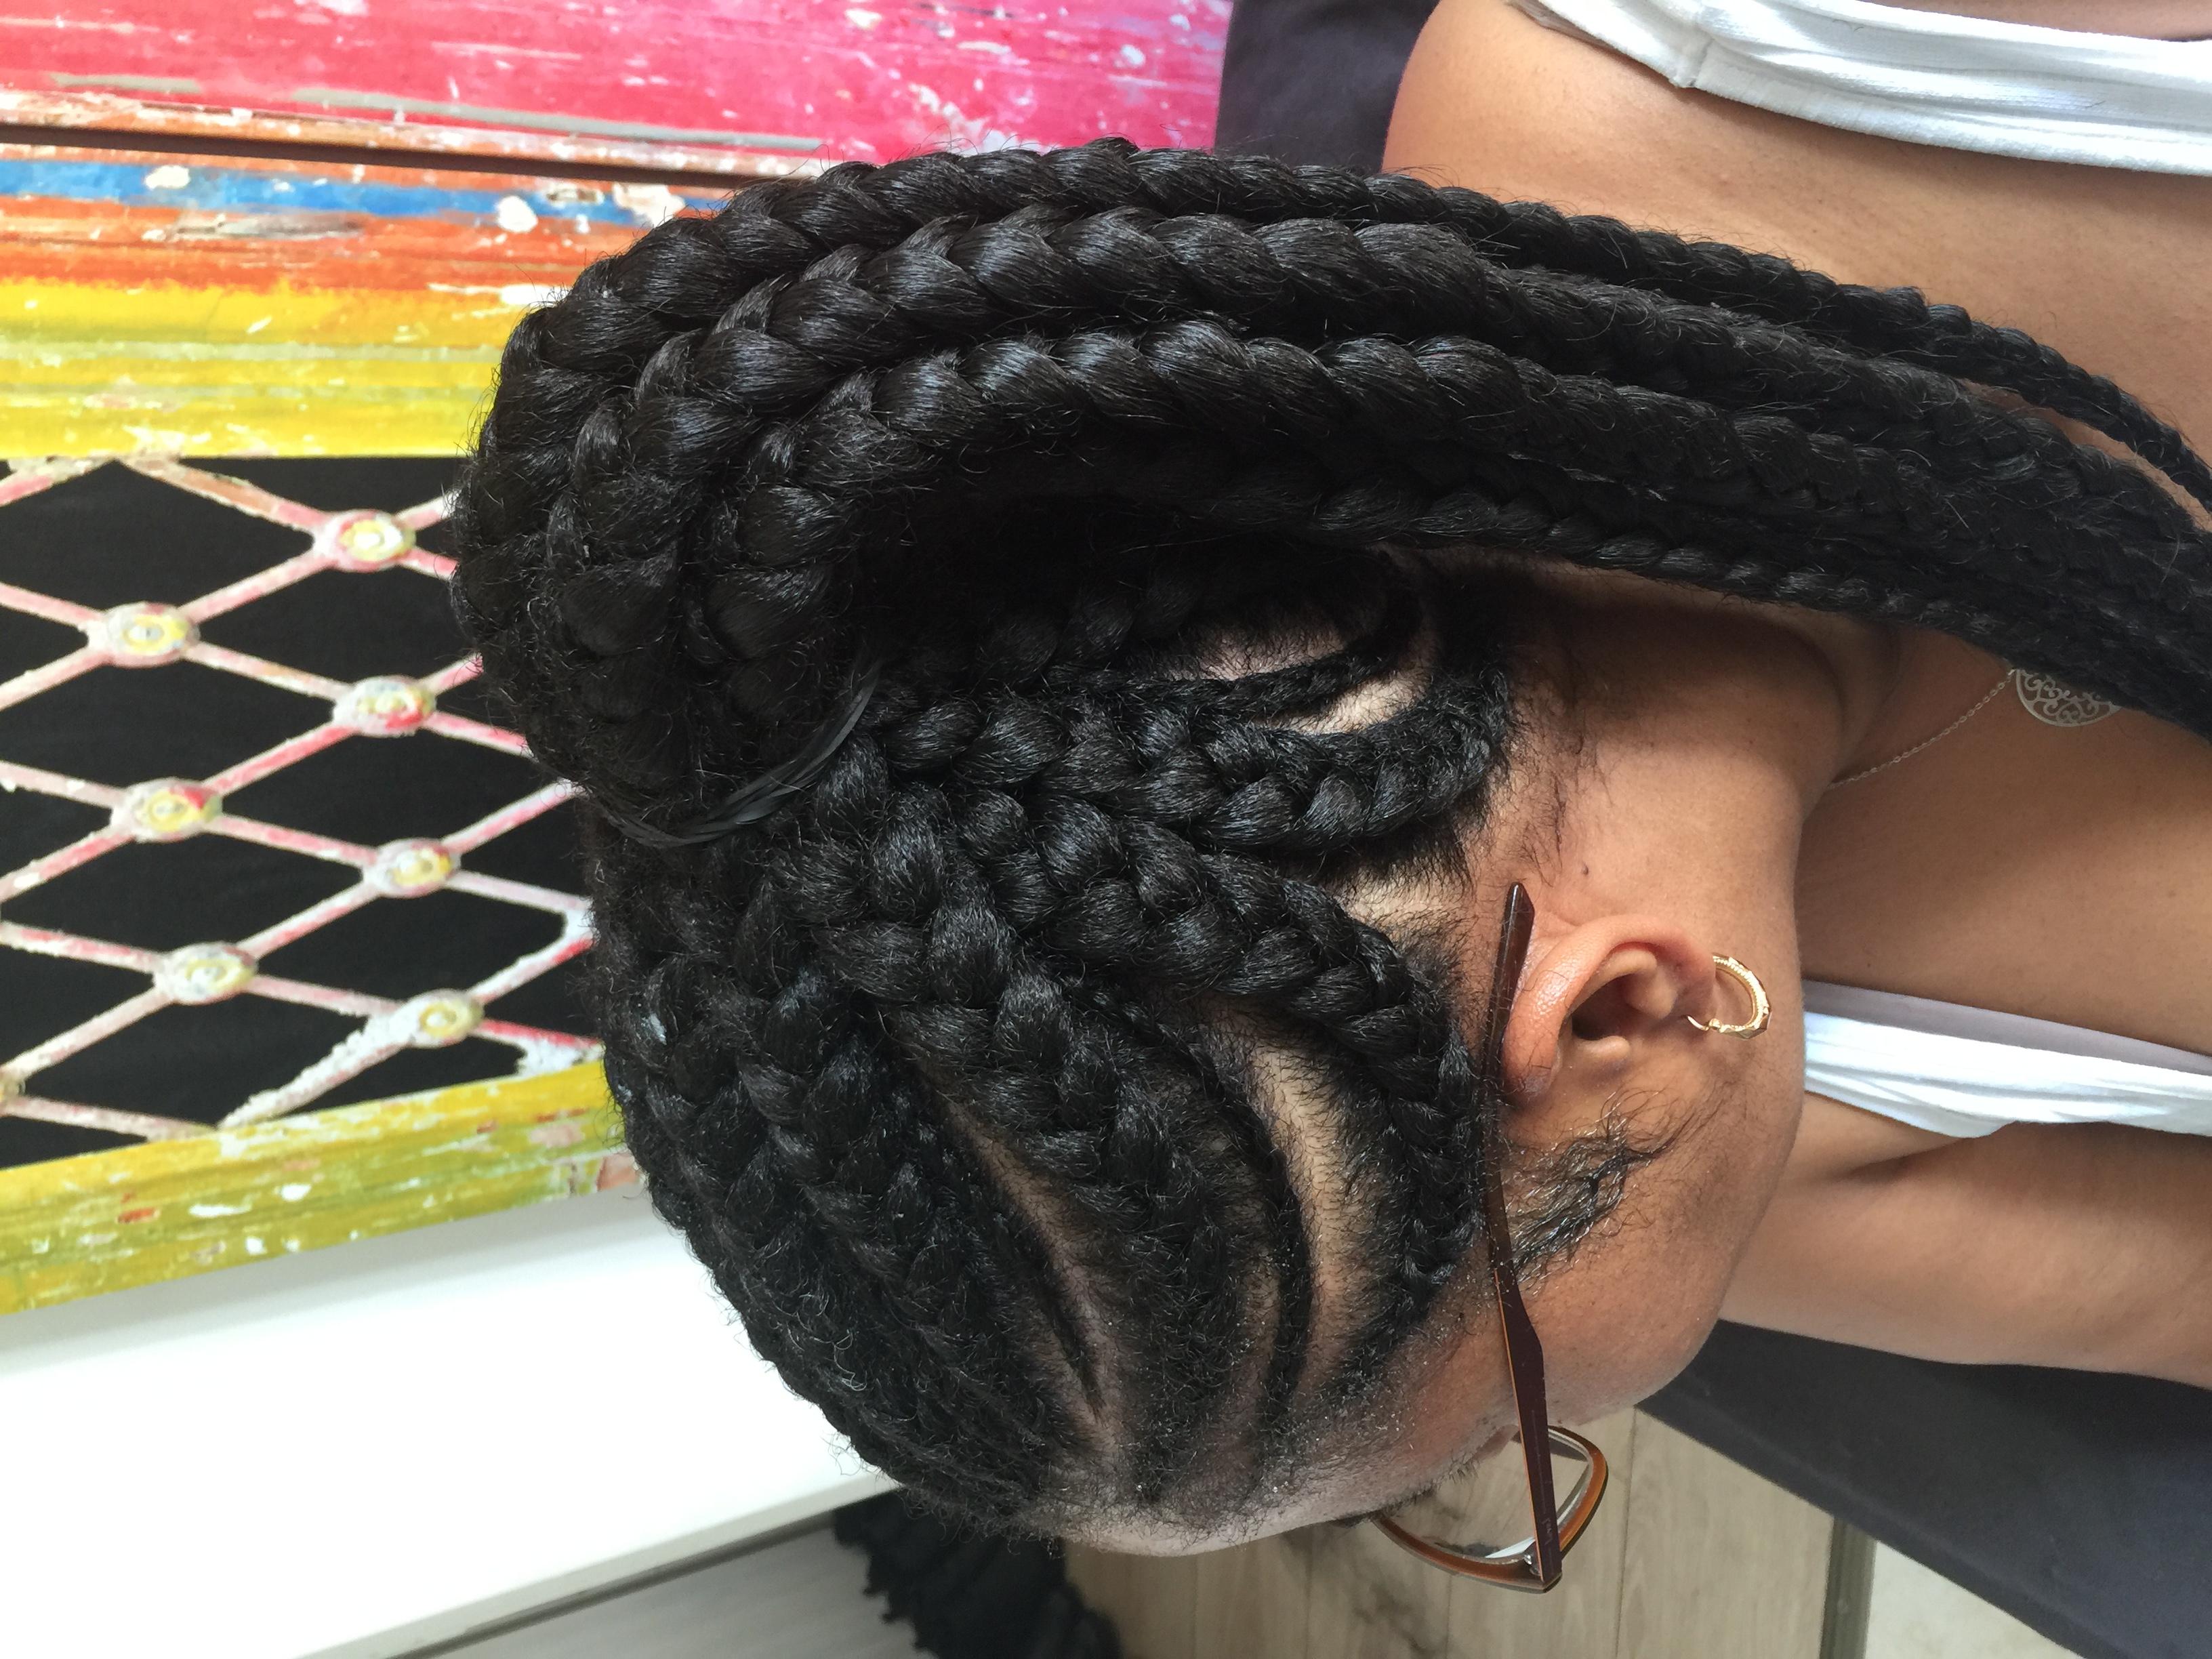 salon de coiffure afro tresse tresses box braids crochet braids vanilles tissages paris 75 77 78 91 92 93 94 95 SPNIABHZ